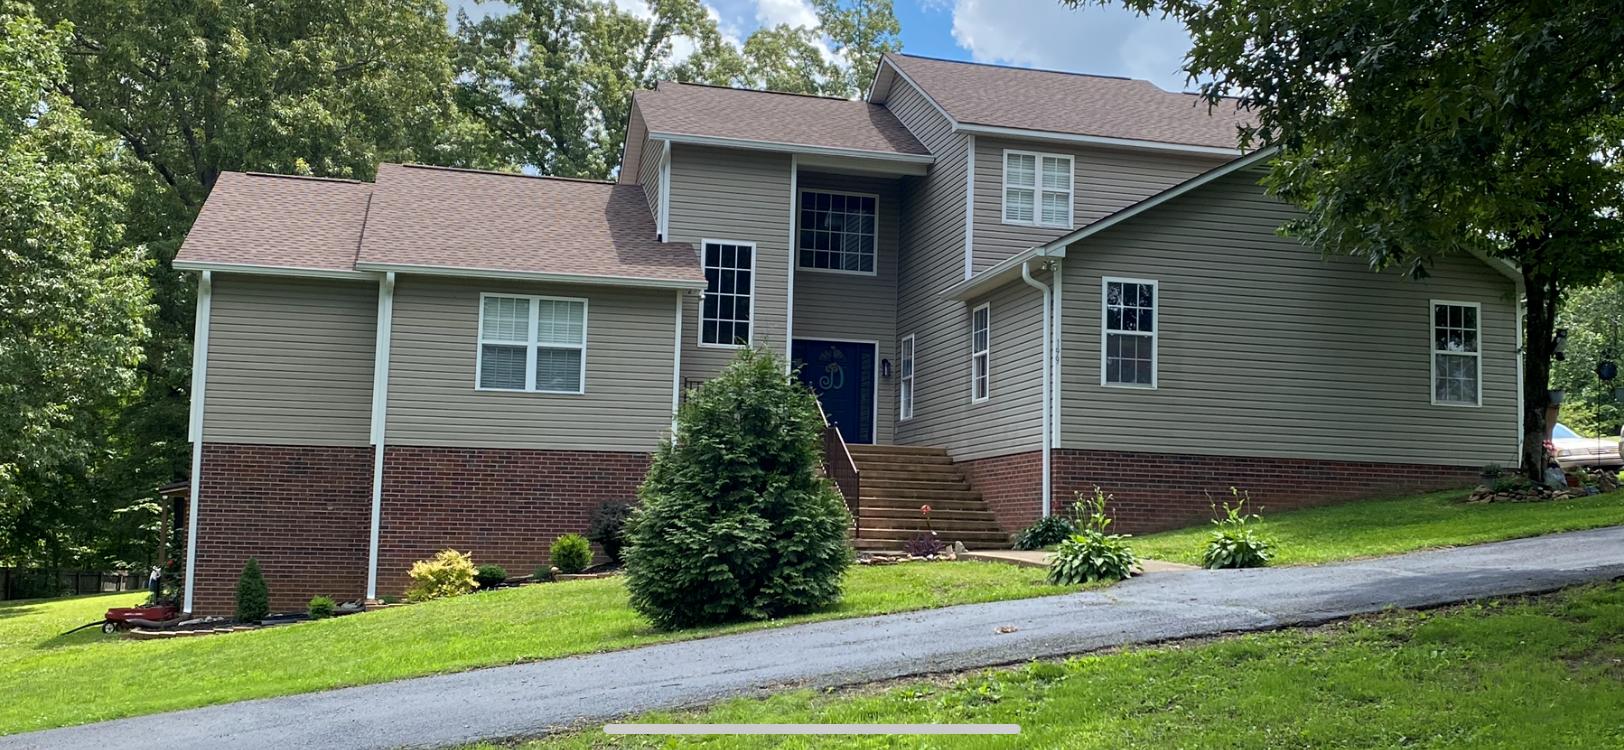 Lexington TN home for sale, Basement, 2 ac.lot, 3500 SF +/-